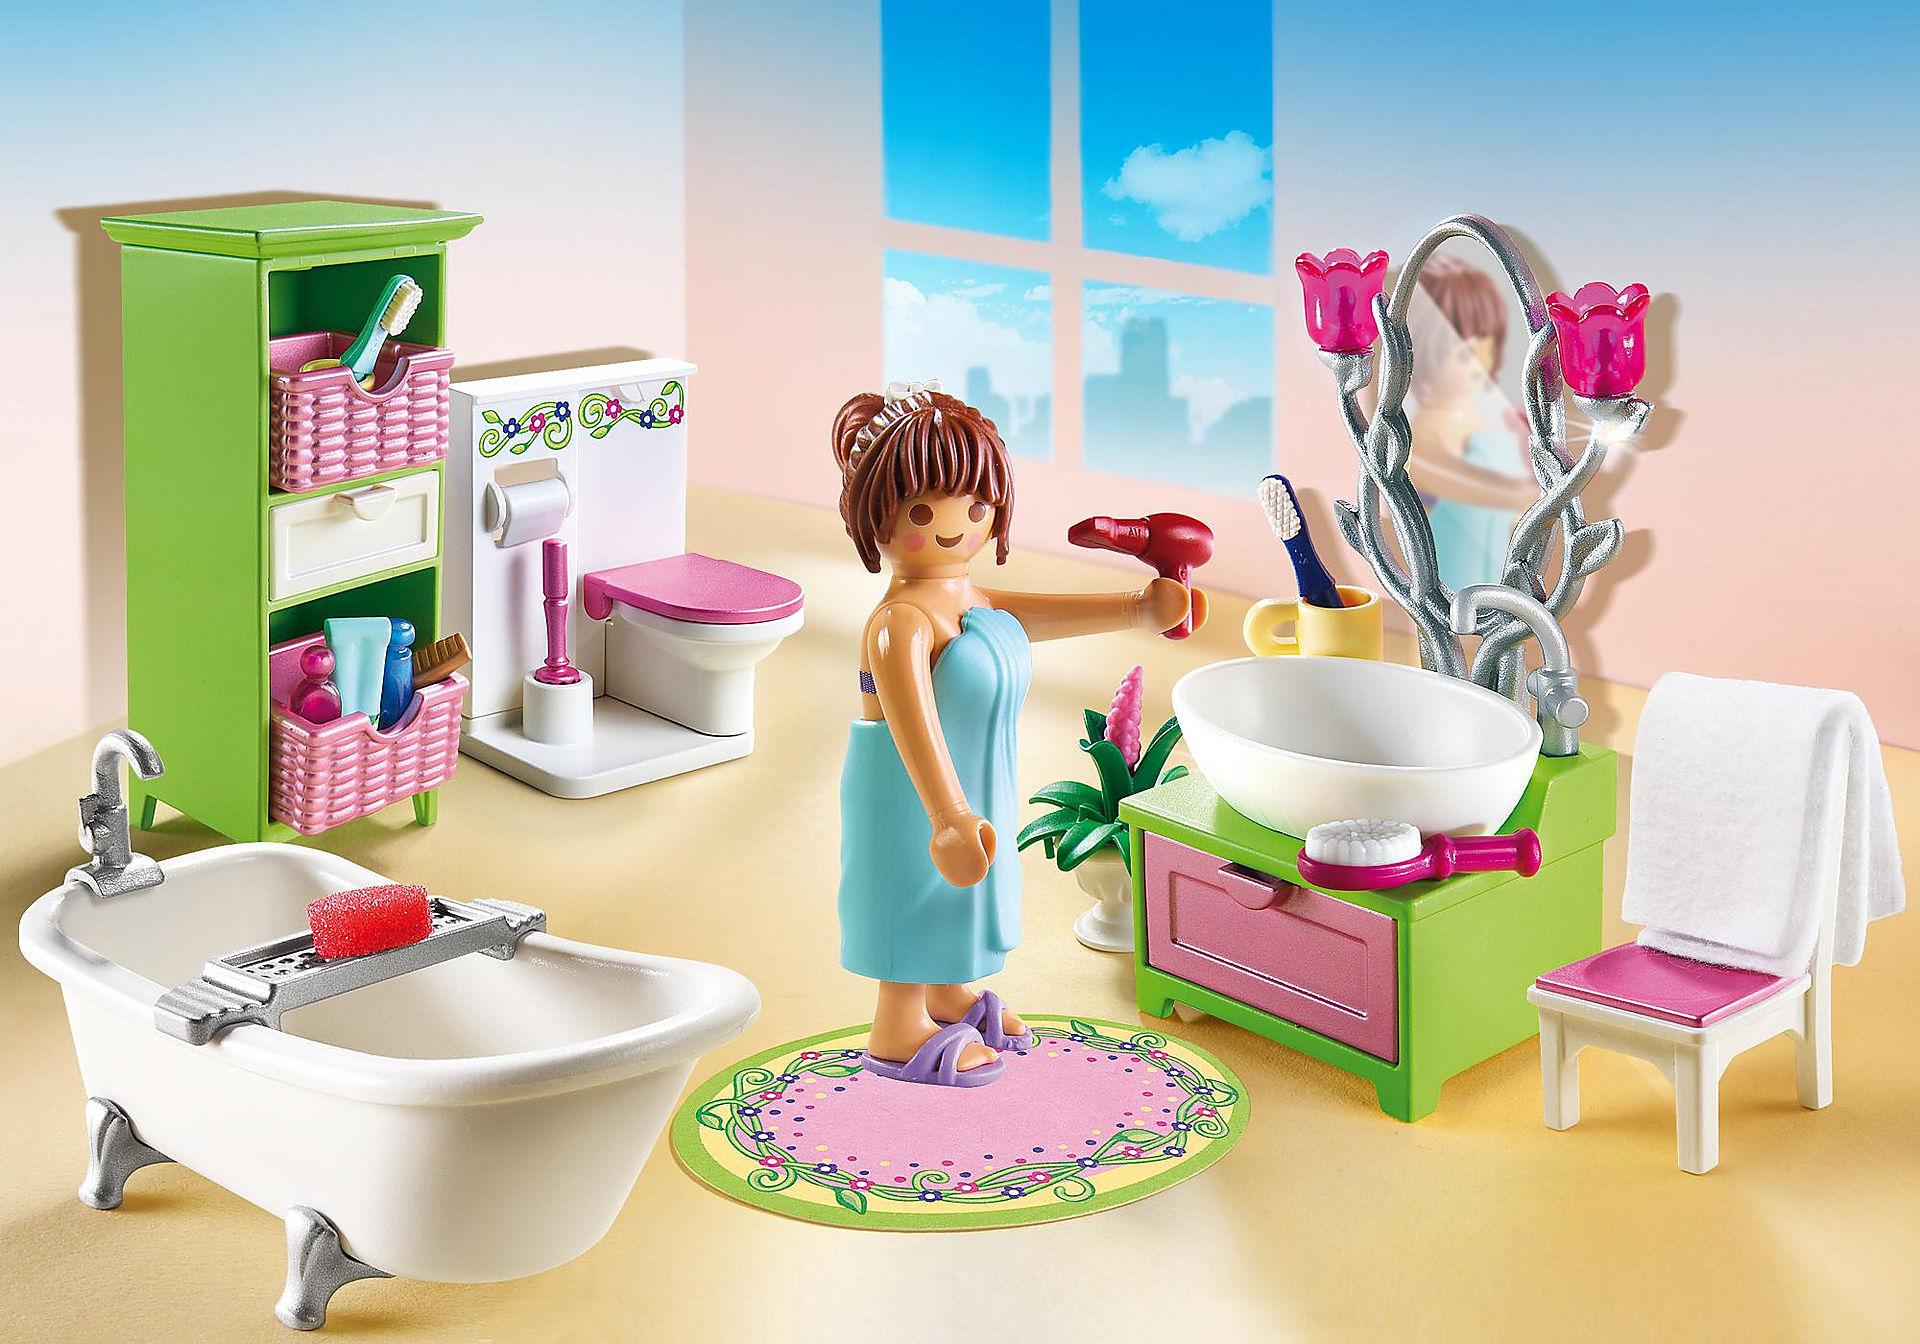 Salle de bain Playmobil- commencez une bonne journée